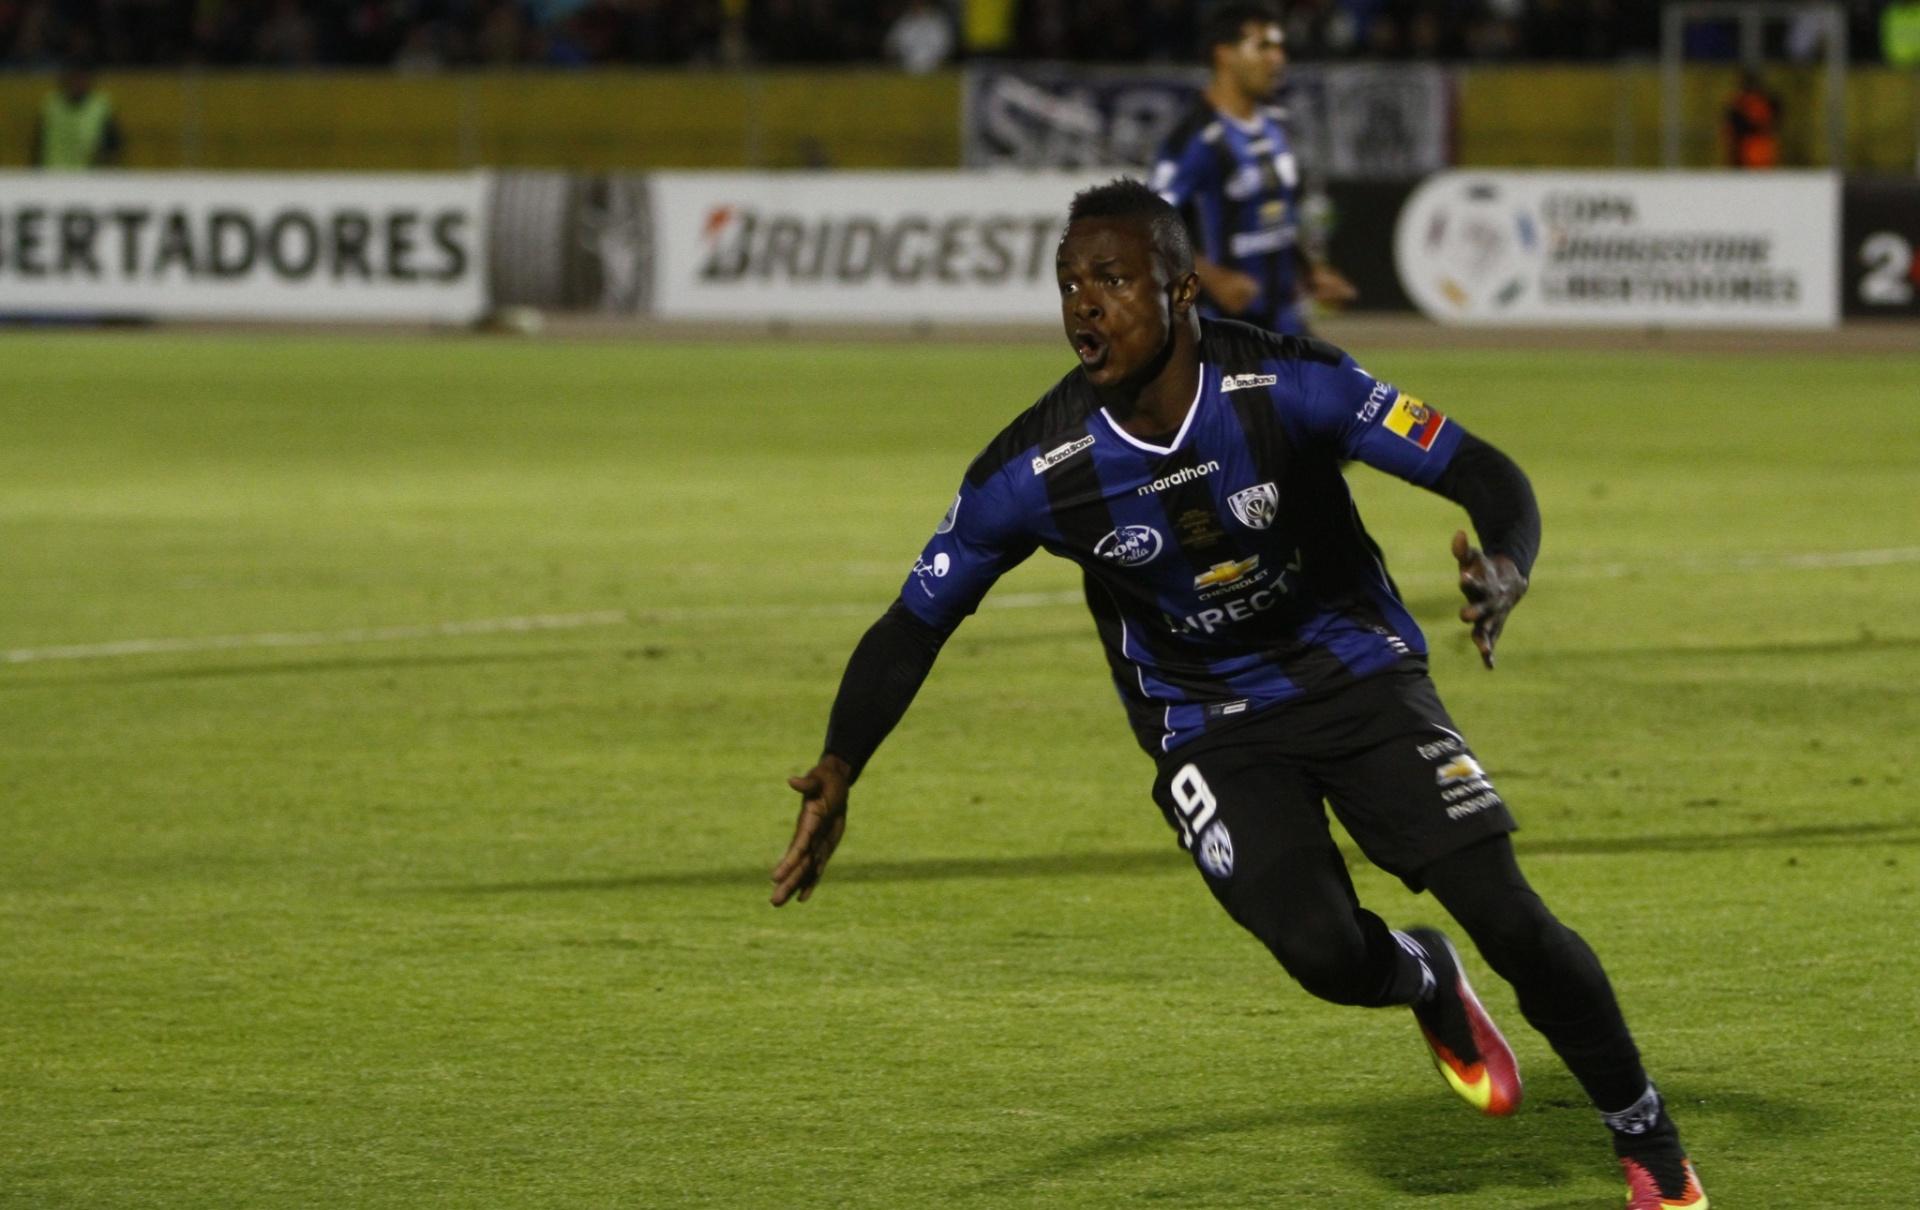 Del Valle rejeita oferta milionária palmeirense por estrela da Libertadores  - 15 07 2016 - UOL Esporte df3d81c8d3237